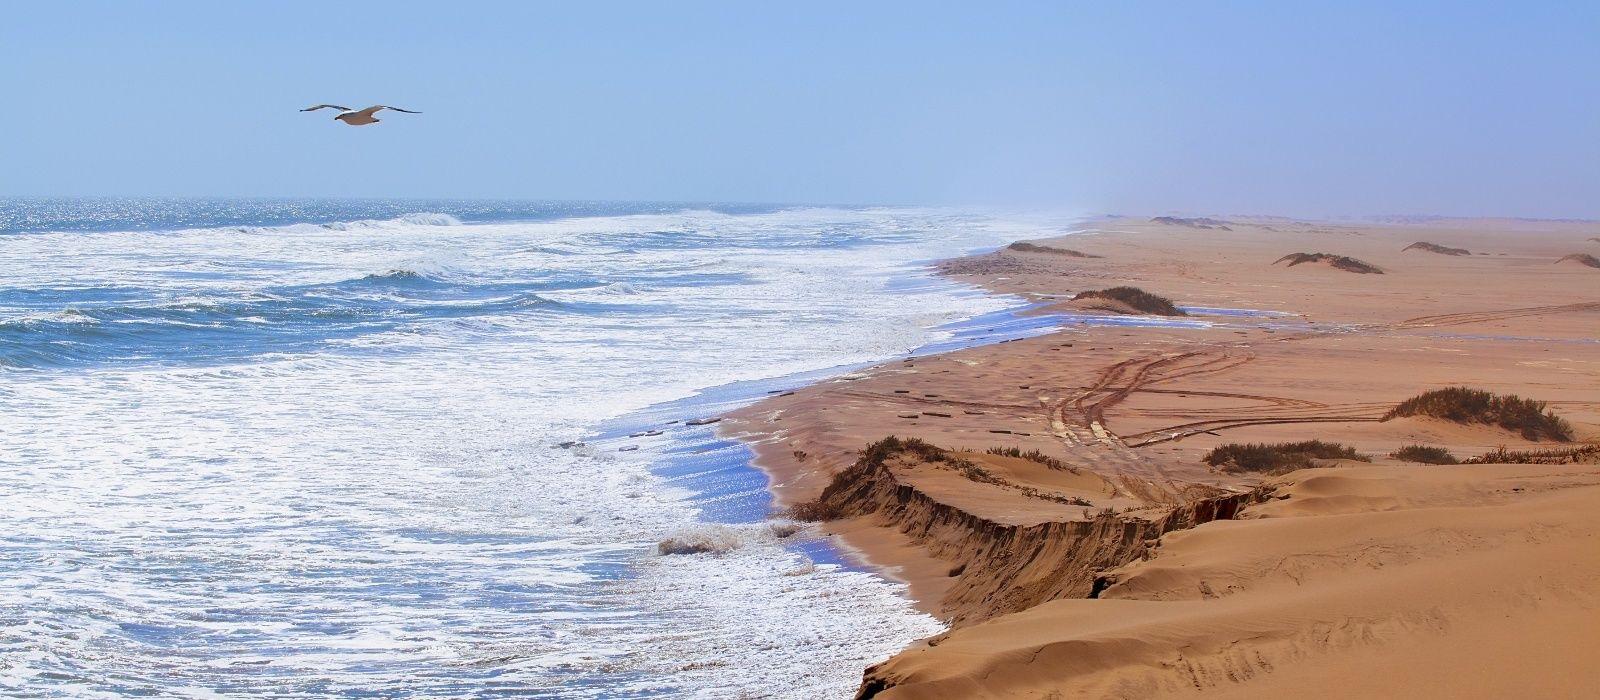 Destination Skeleton Coast Namibia